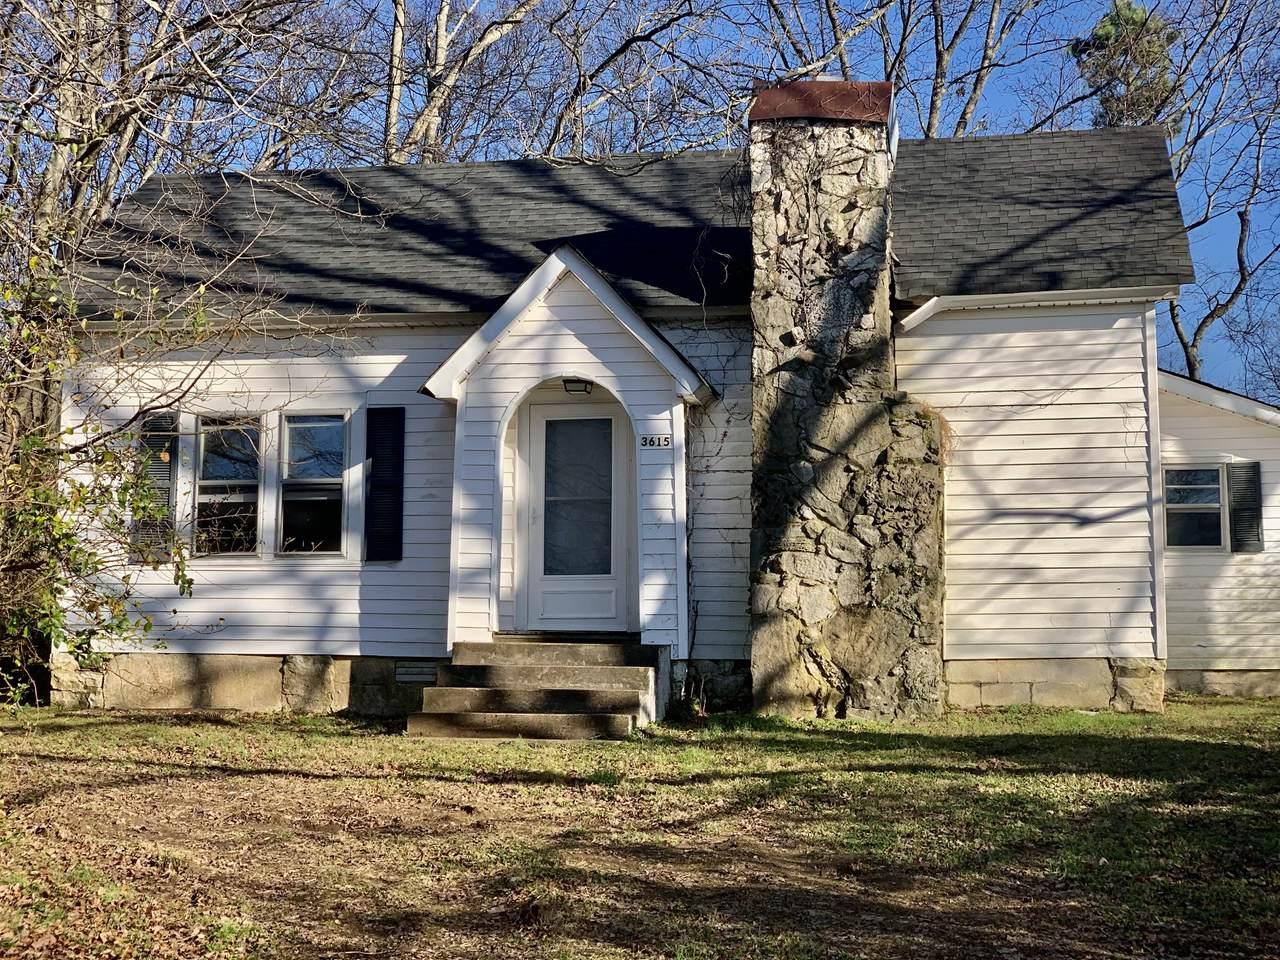 3615 Pulaski Hwy - Photo 1